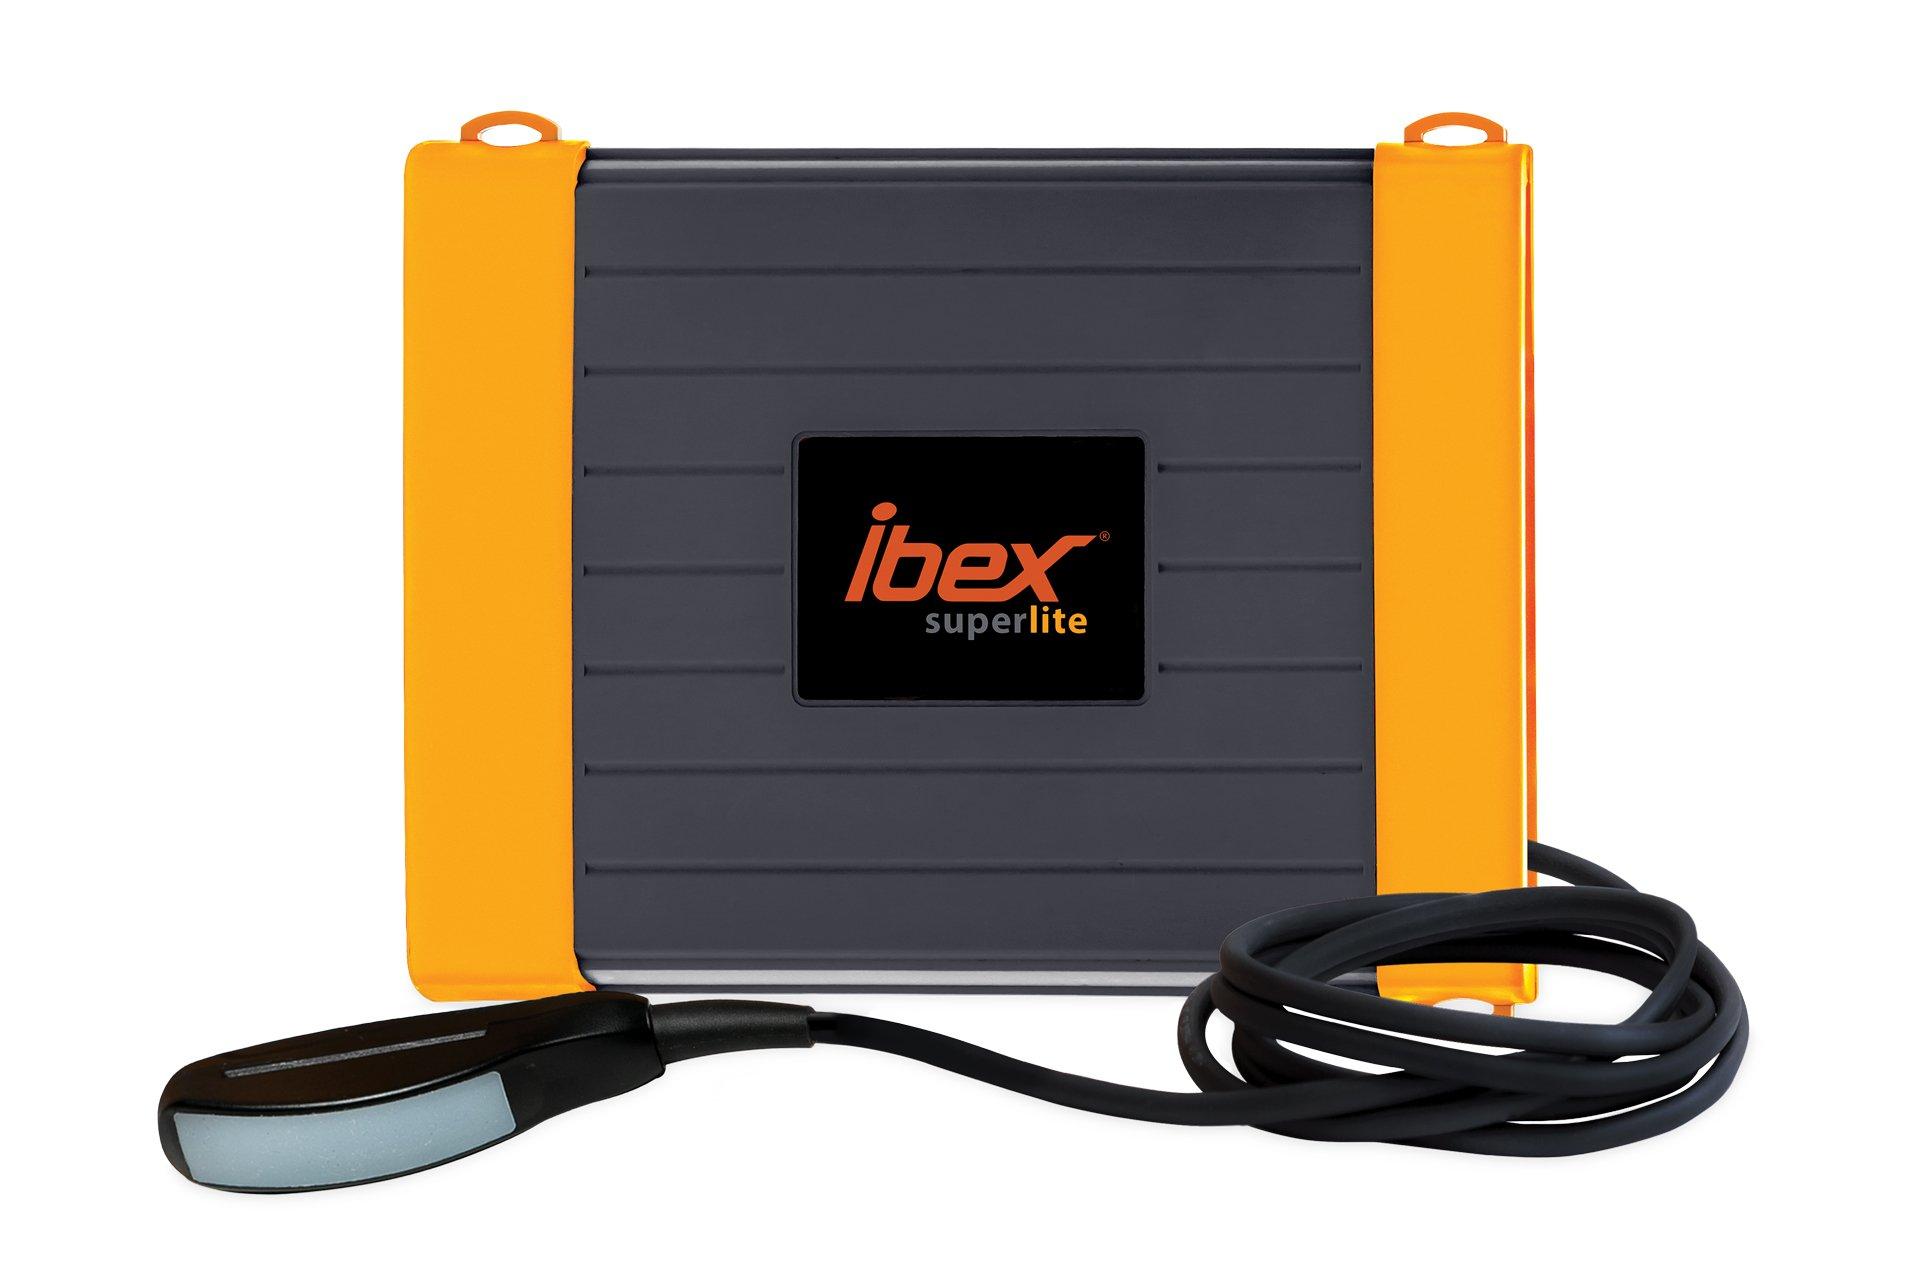 IBEX SuperLite-c